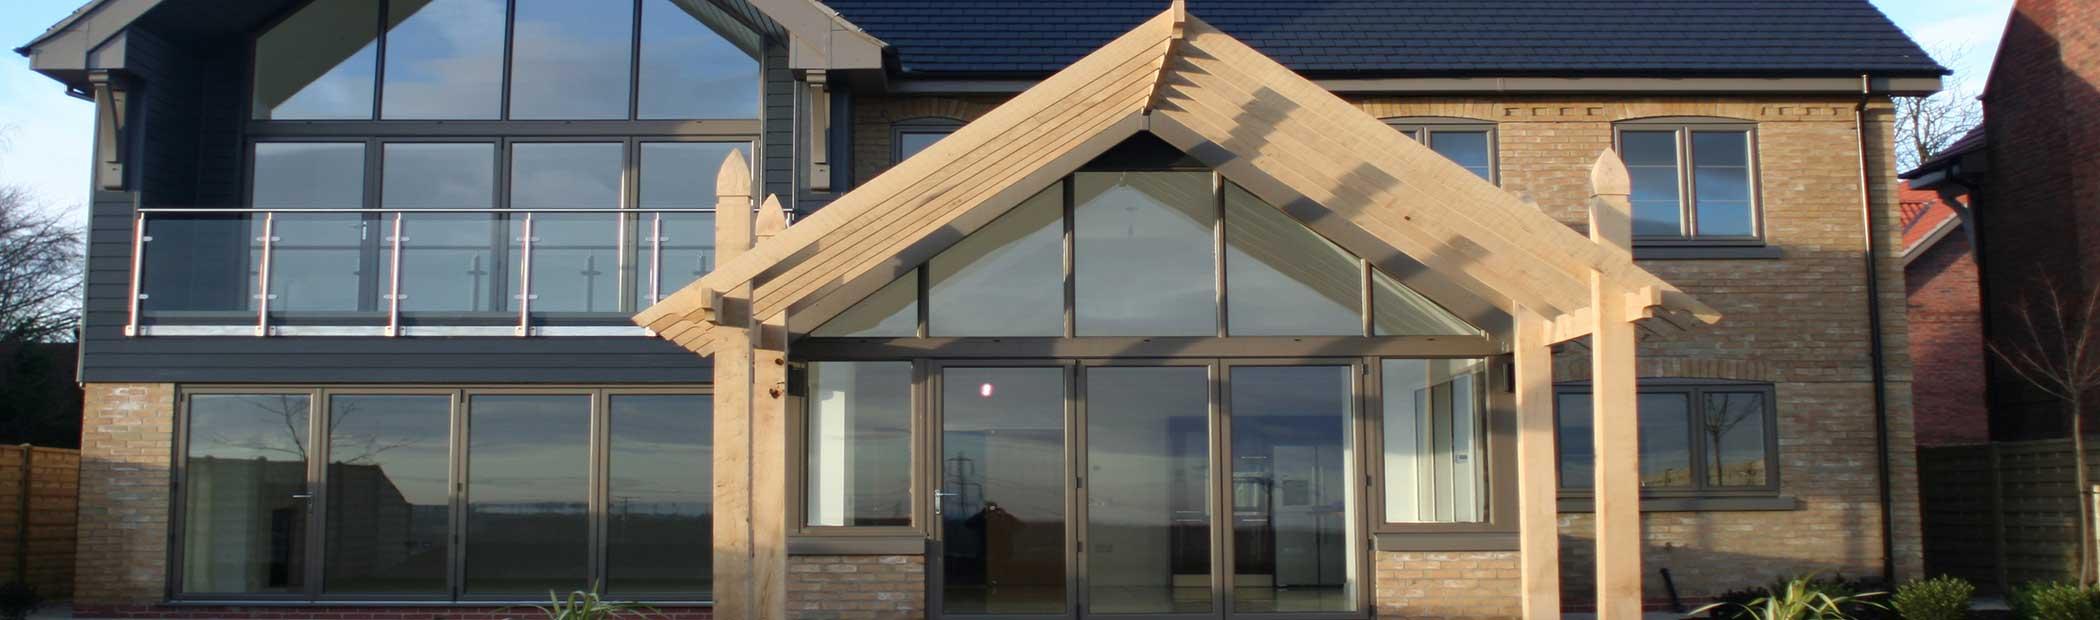 Aluminium Windows Installation Lewes